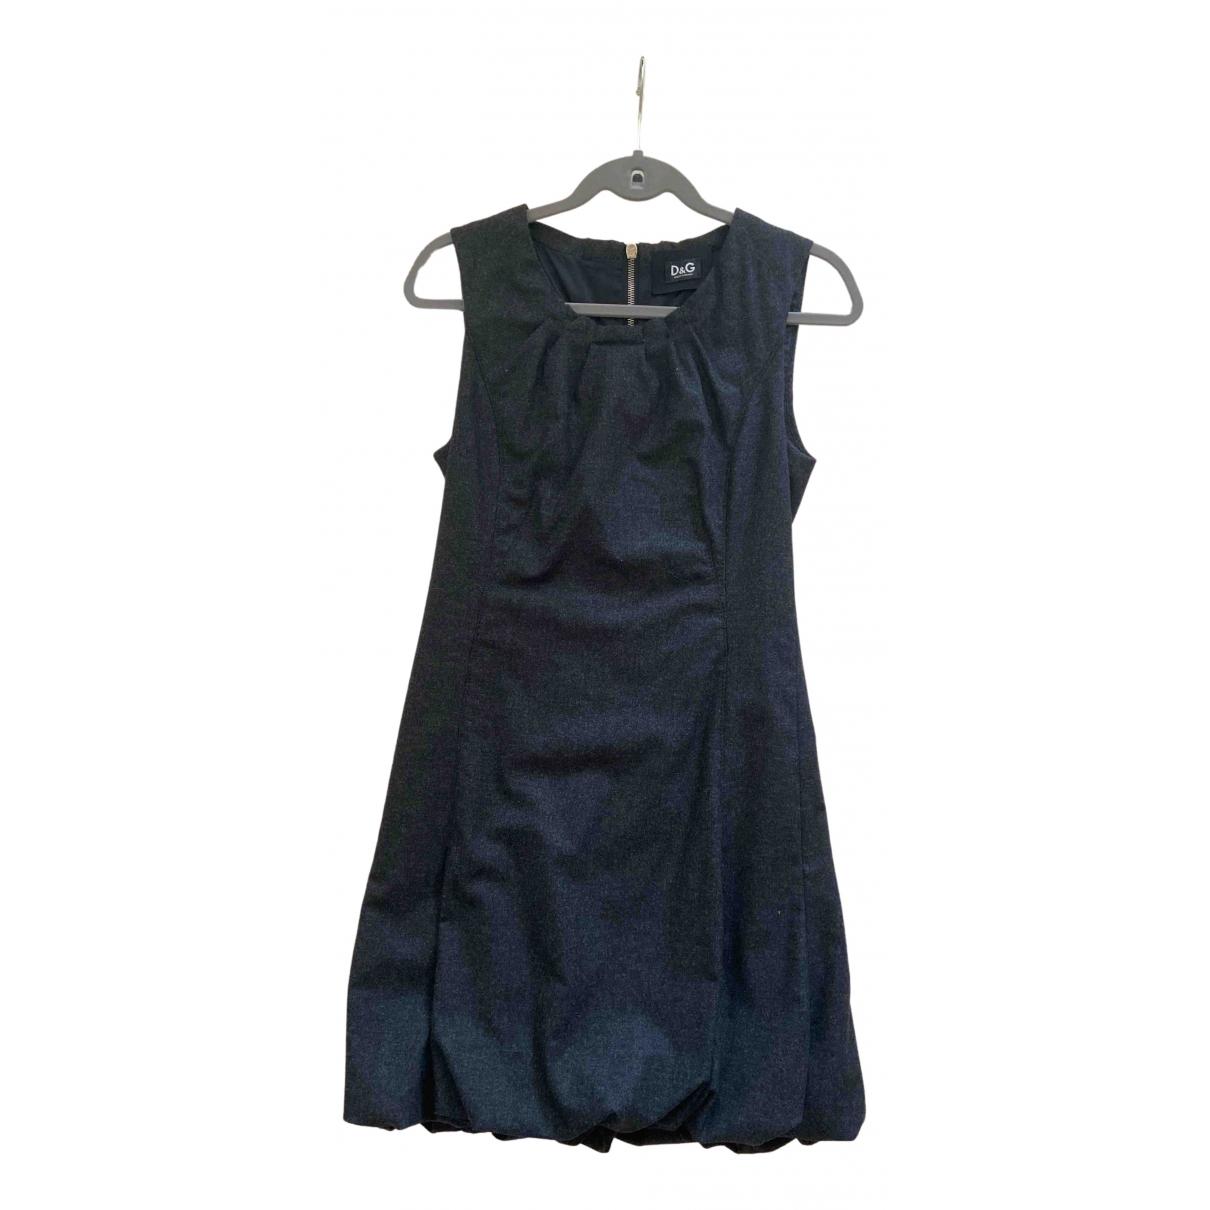 D&g N Grey Wool dress for Women 42 IT